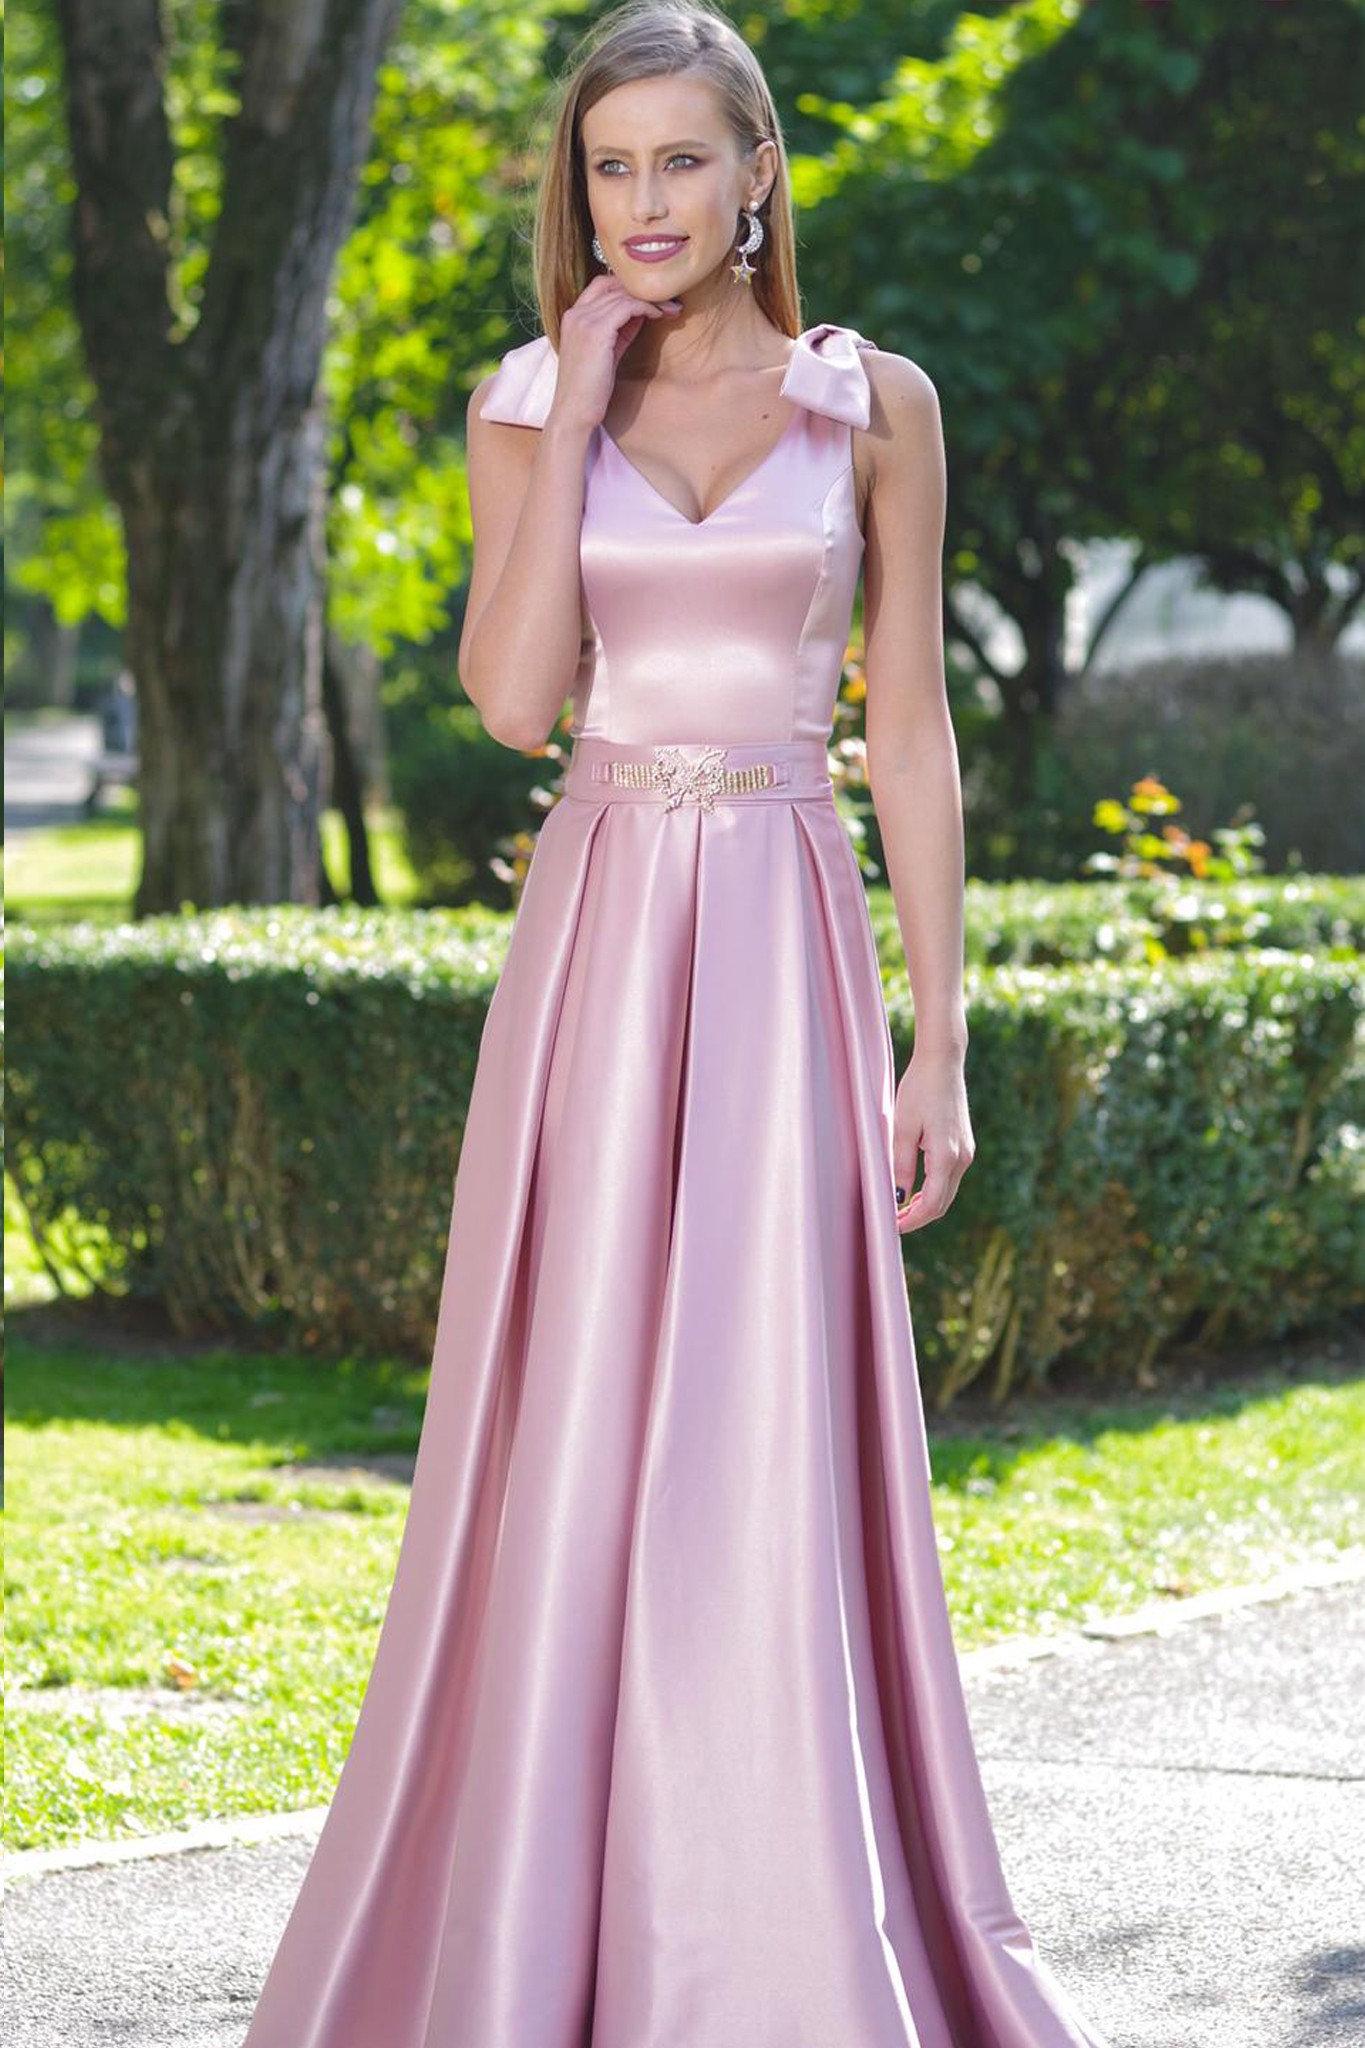 e0d4669449e4 Impressive Rose Dress 3200